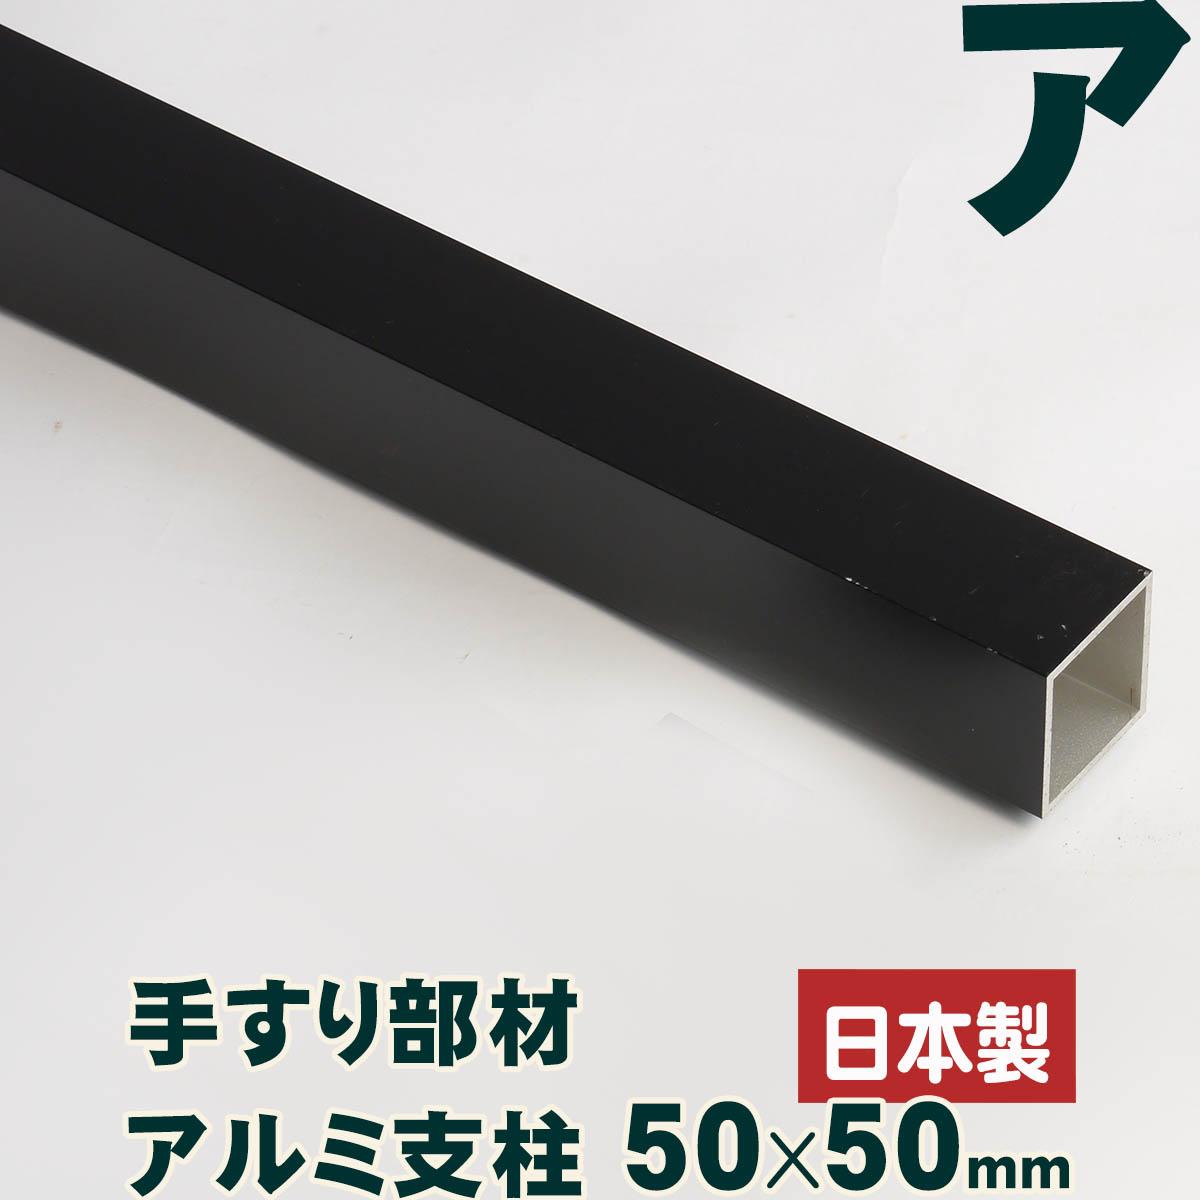 目隠しフェンス アルミ 日本製アルミ柱 50×50mm 高さ1300mm用(全長1650mm)返品・交換不可商品